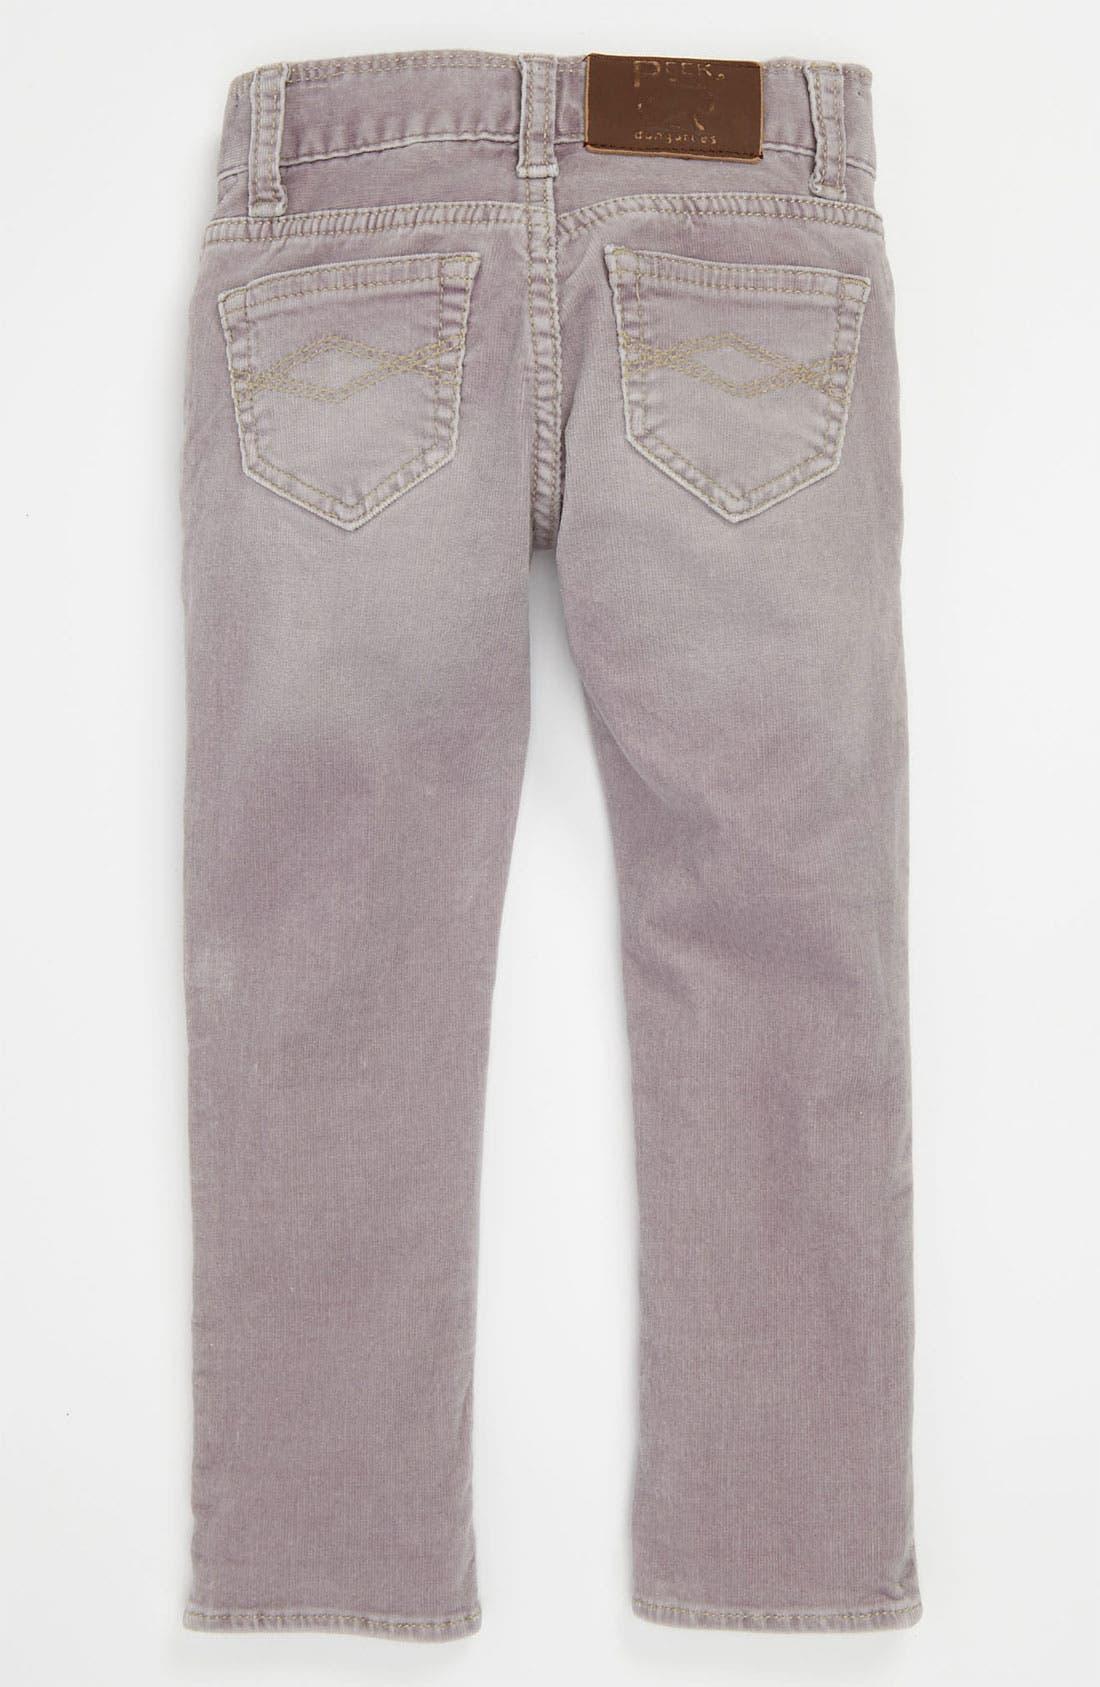 Alternate Image 1 Selected - Peek 'Kate' Corduroy Pants (Toddler, Little Girls & Big Girls)